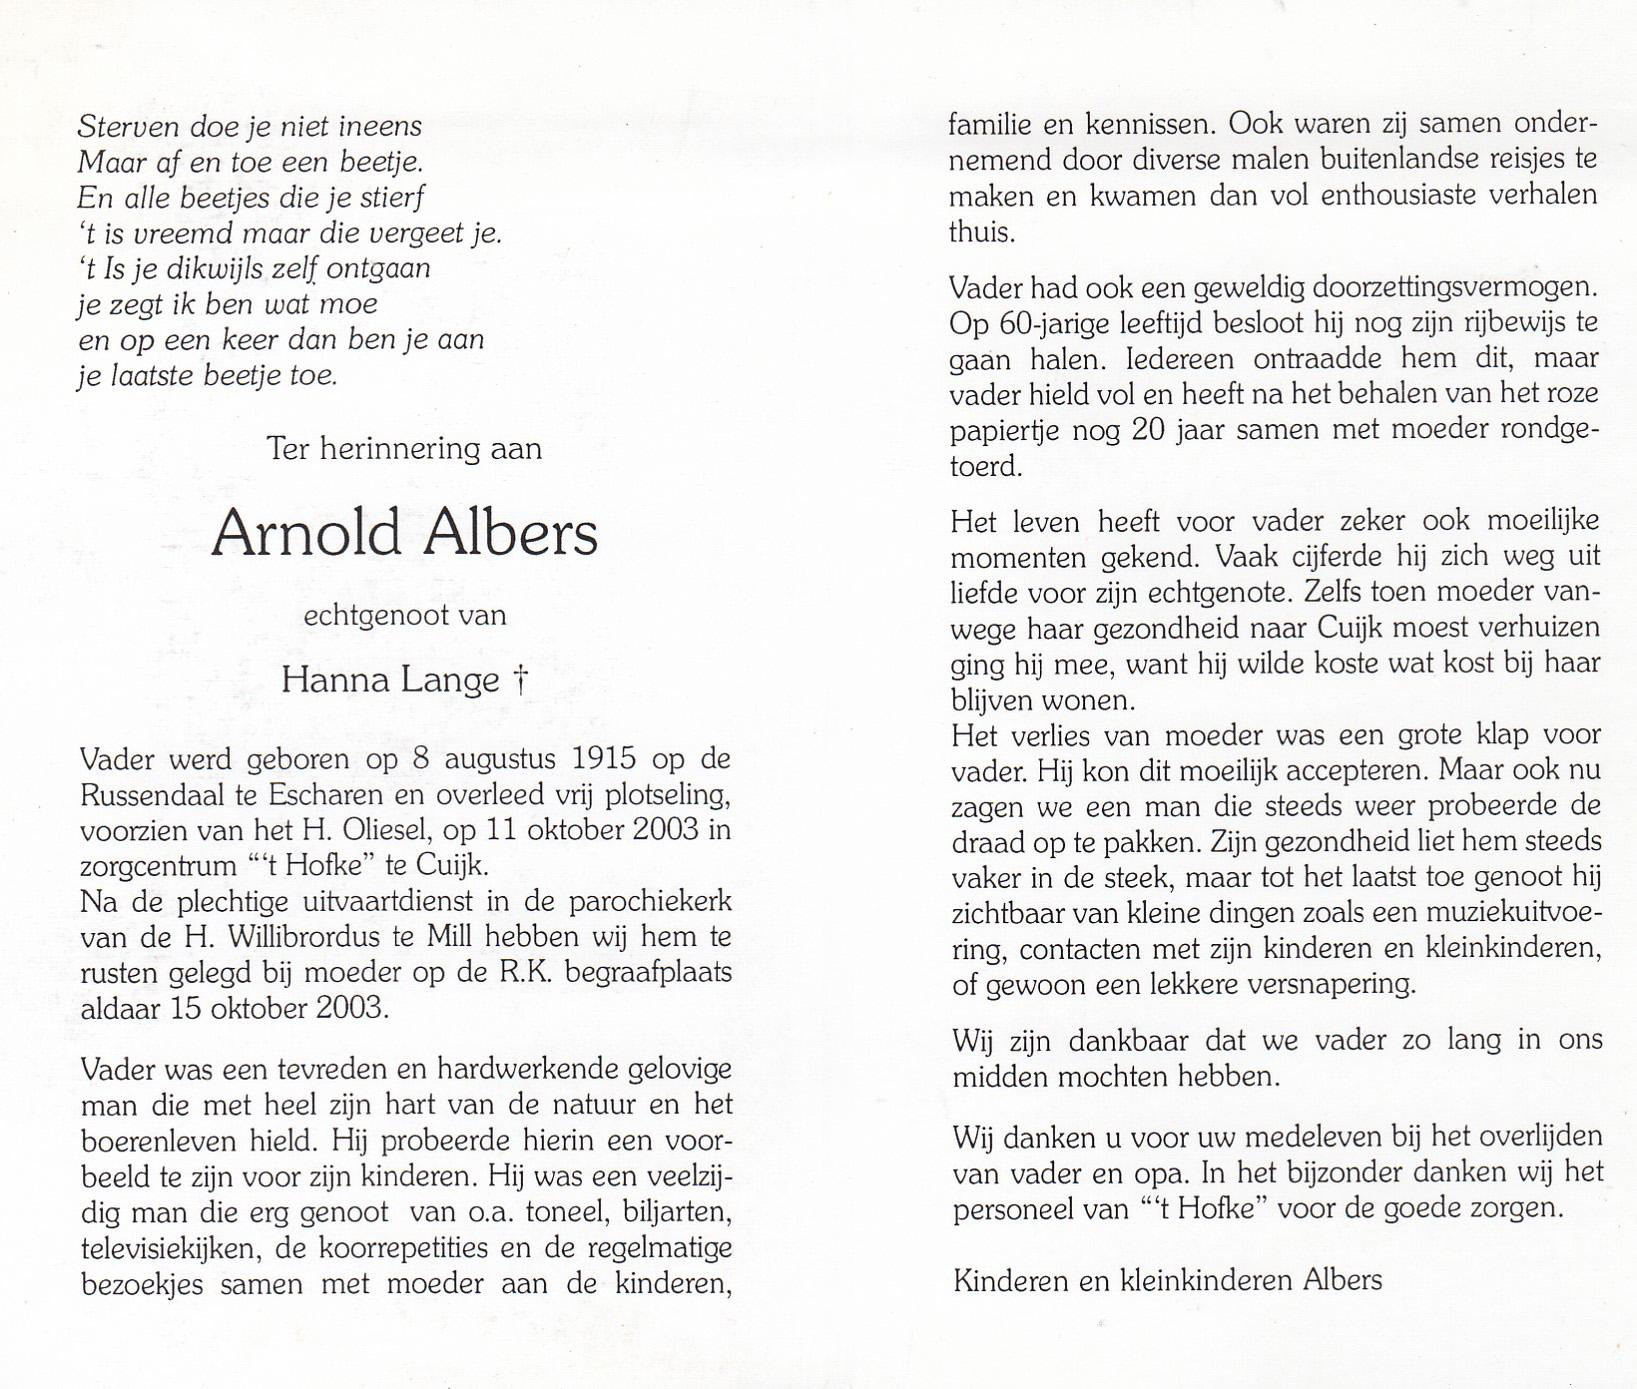 Bidprentje ArnoldAlbers